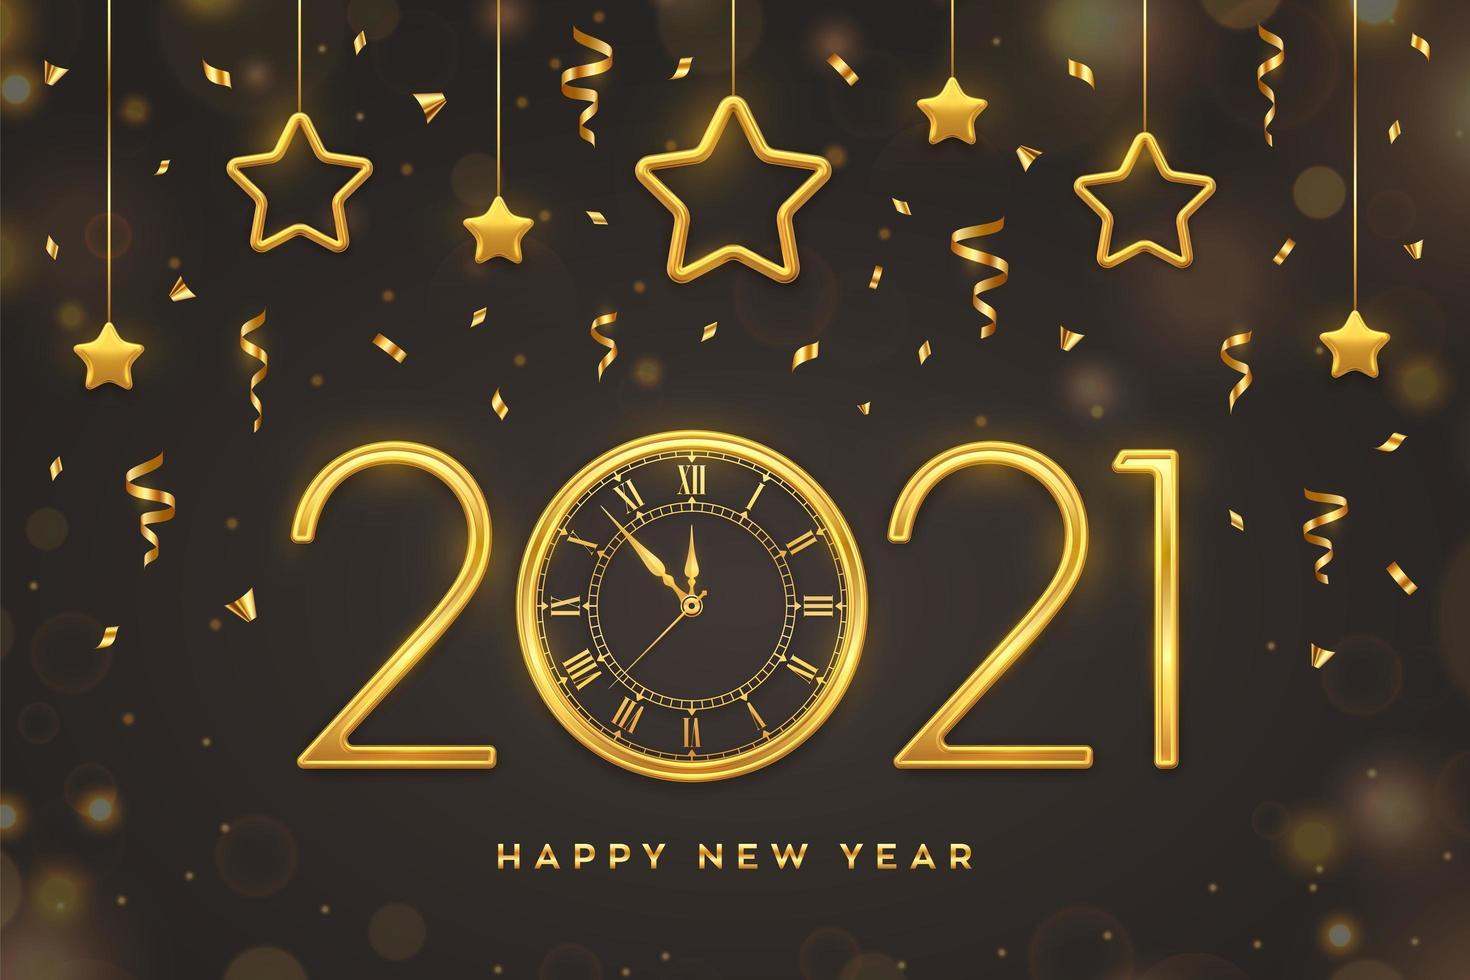 nieuwe jaar gouden tekst, klok en hangende sterren vector